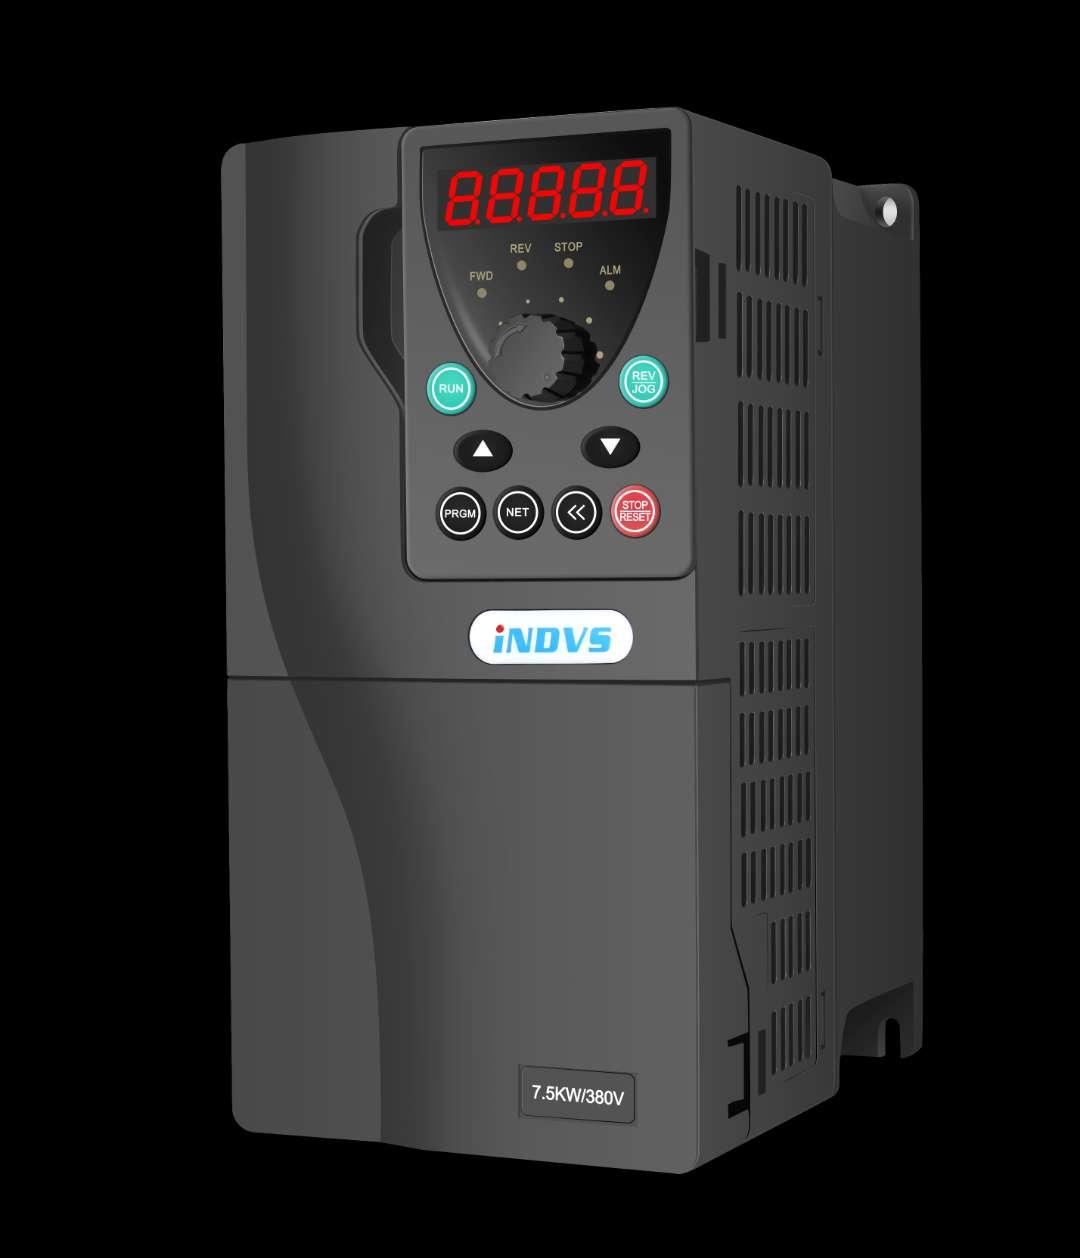 英捷思变频器 Y500-XS0007G1 重载型/面板式